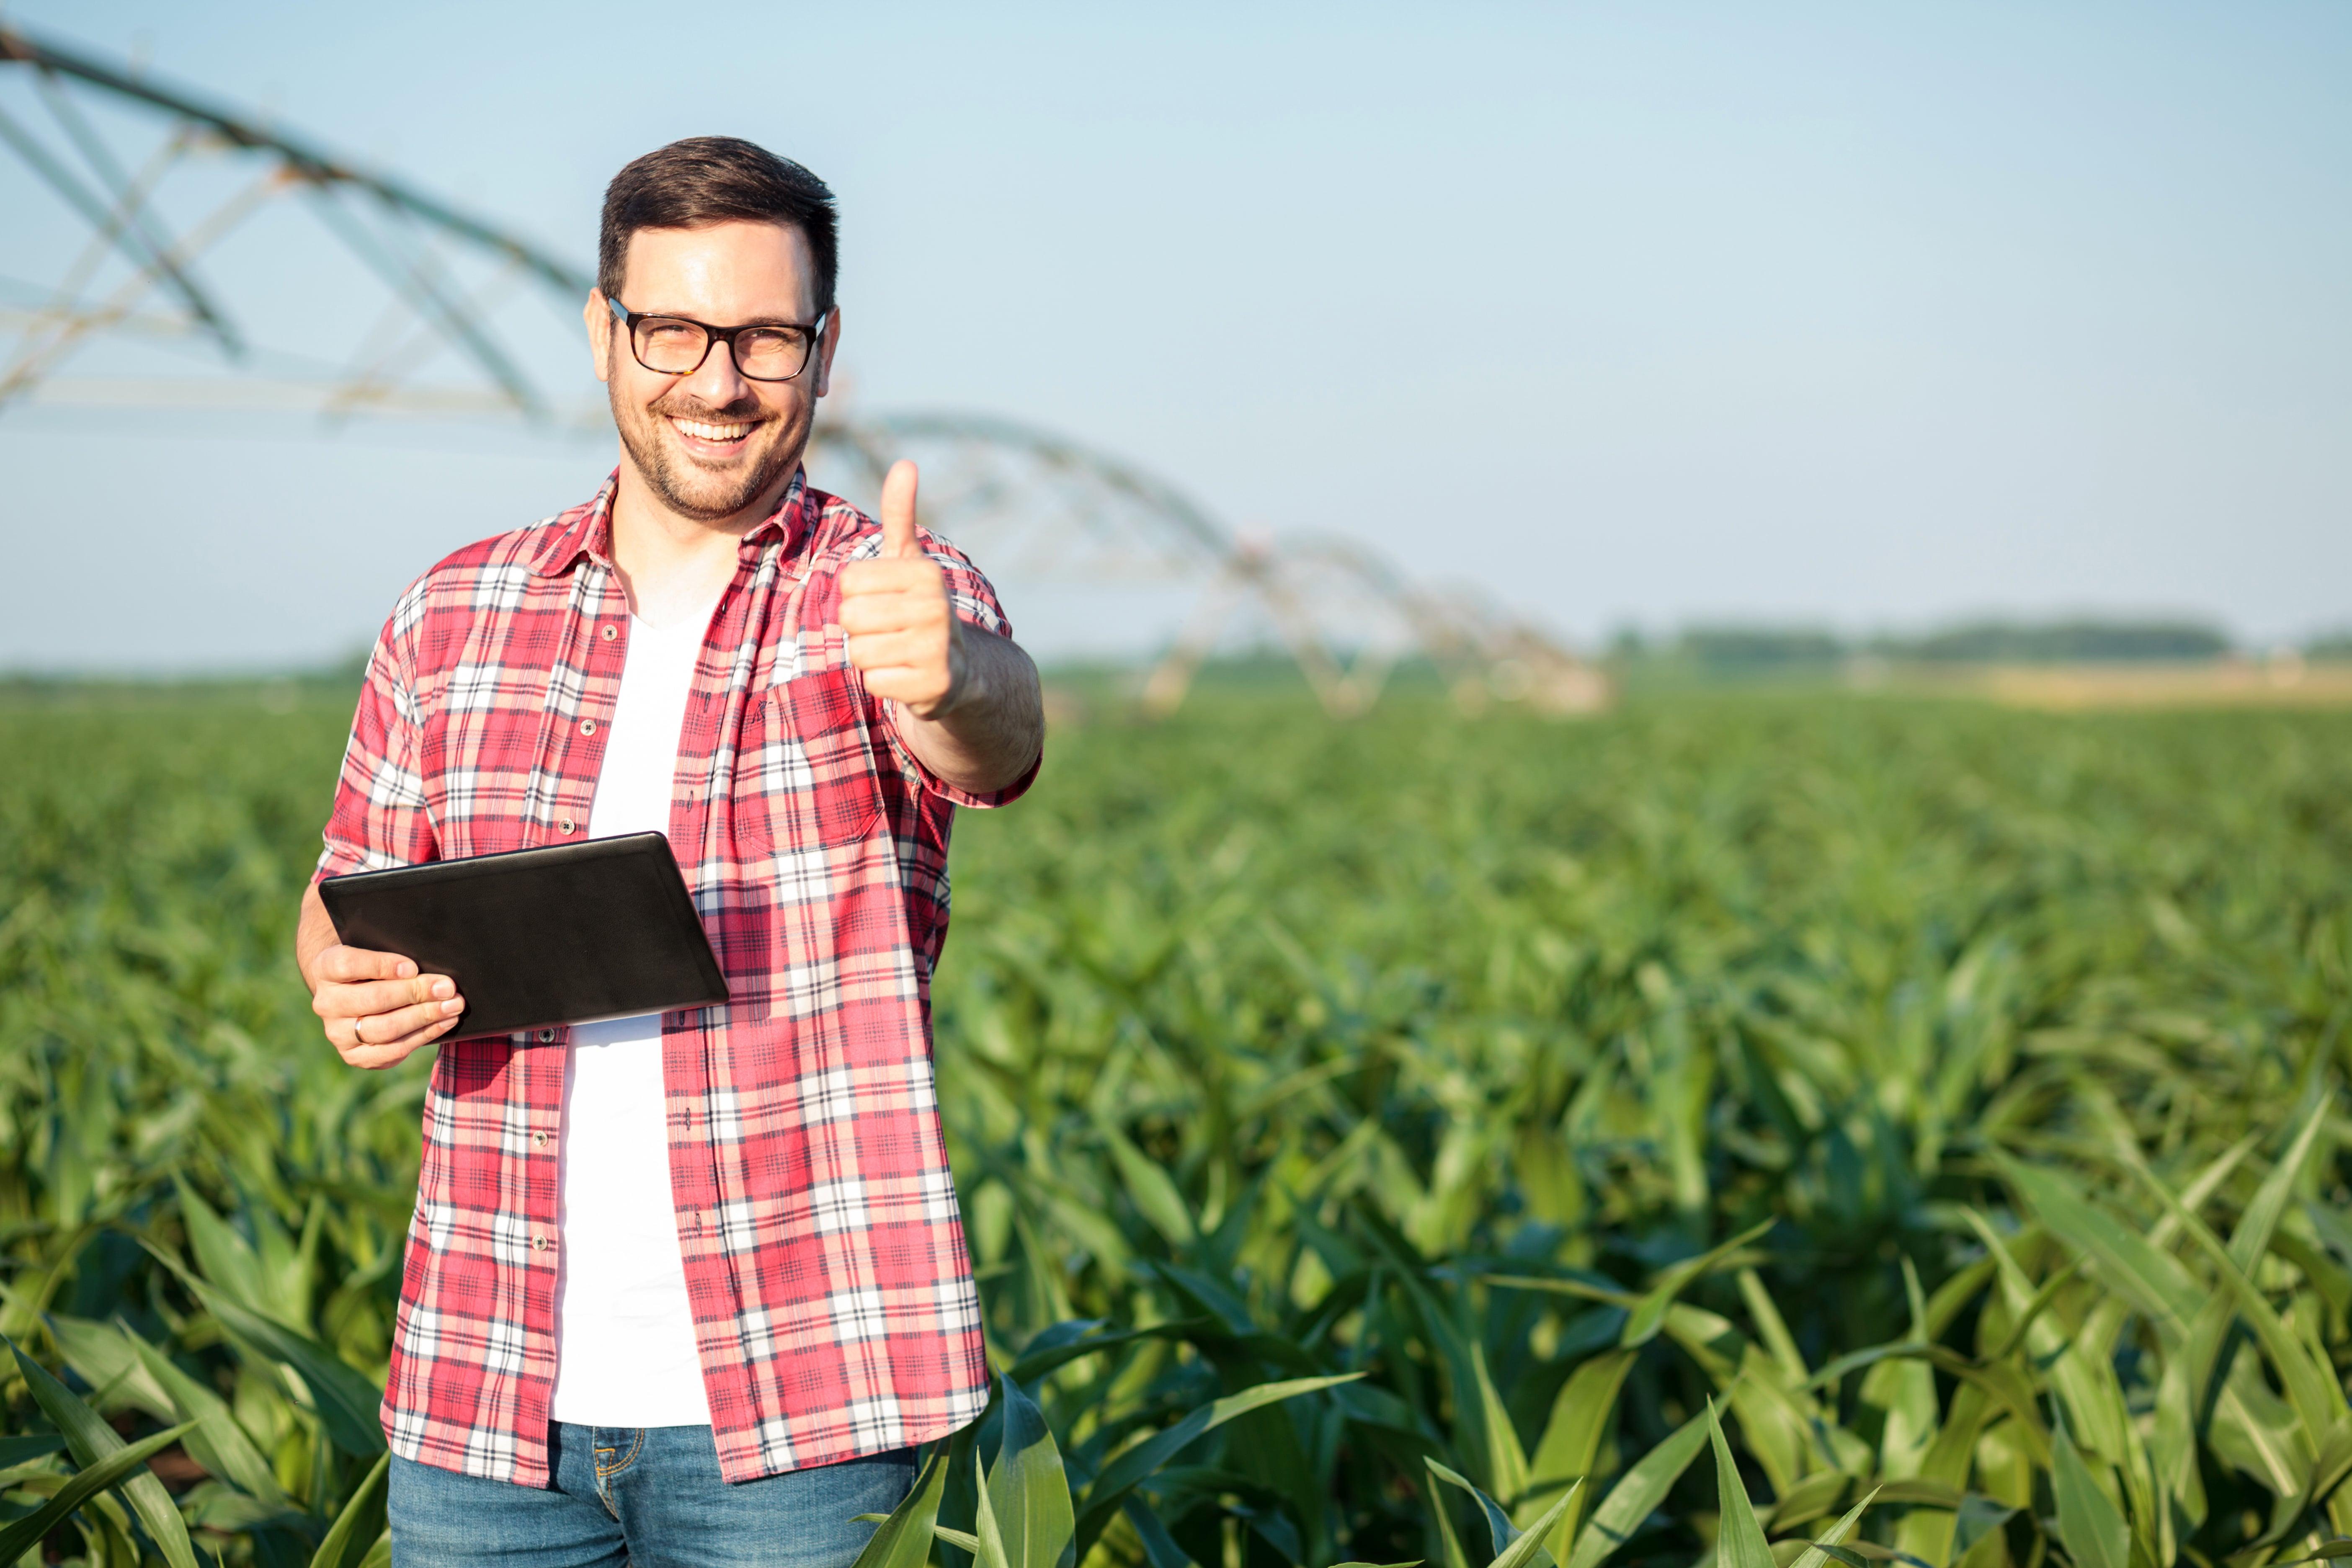 acesso a internet e conectividade podem trazer mais eficiencia para o agronegocio